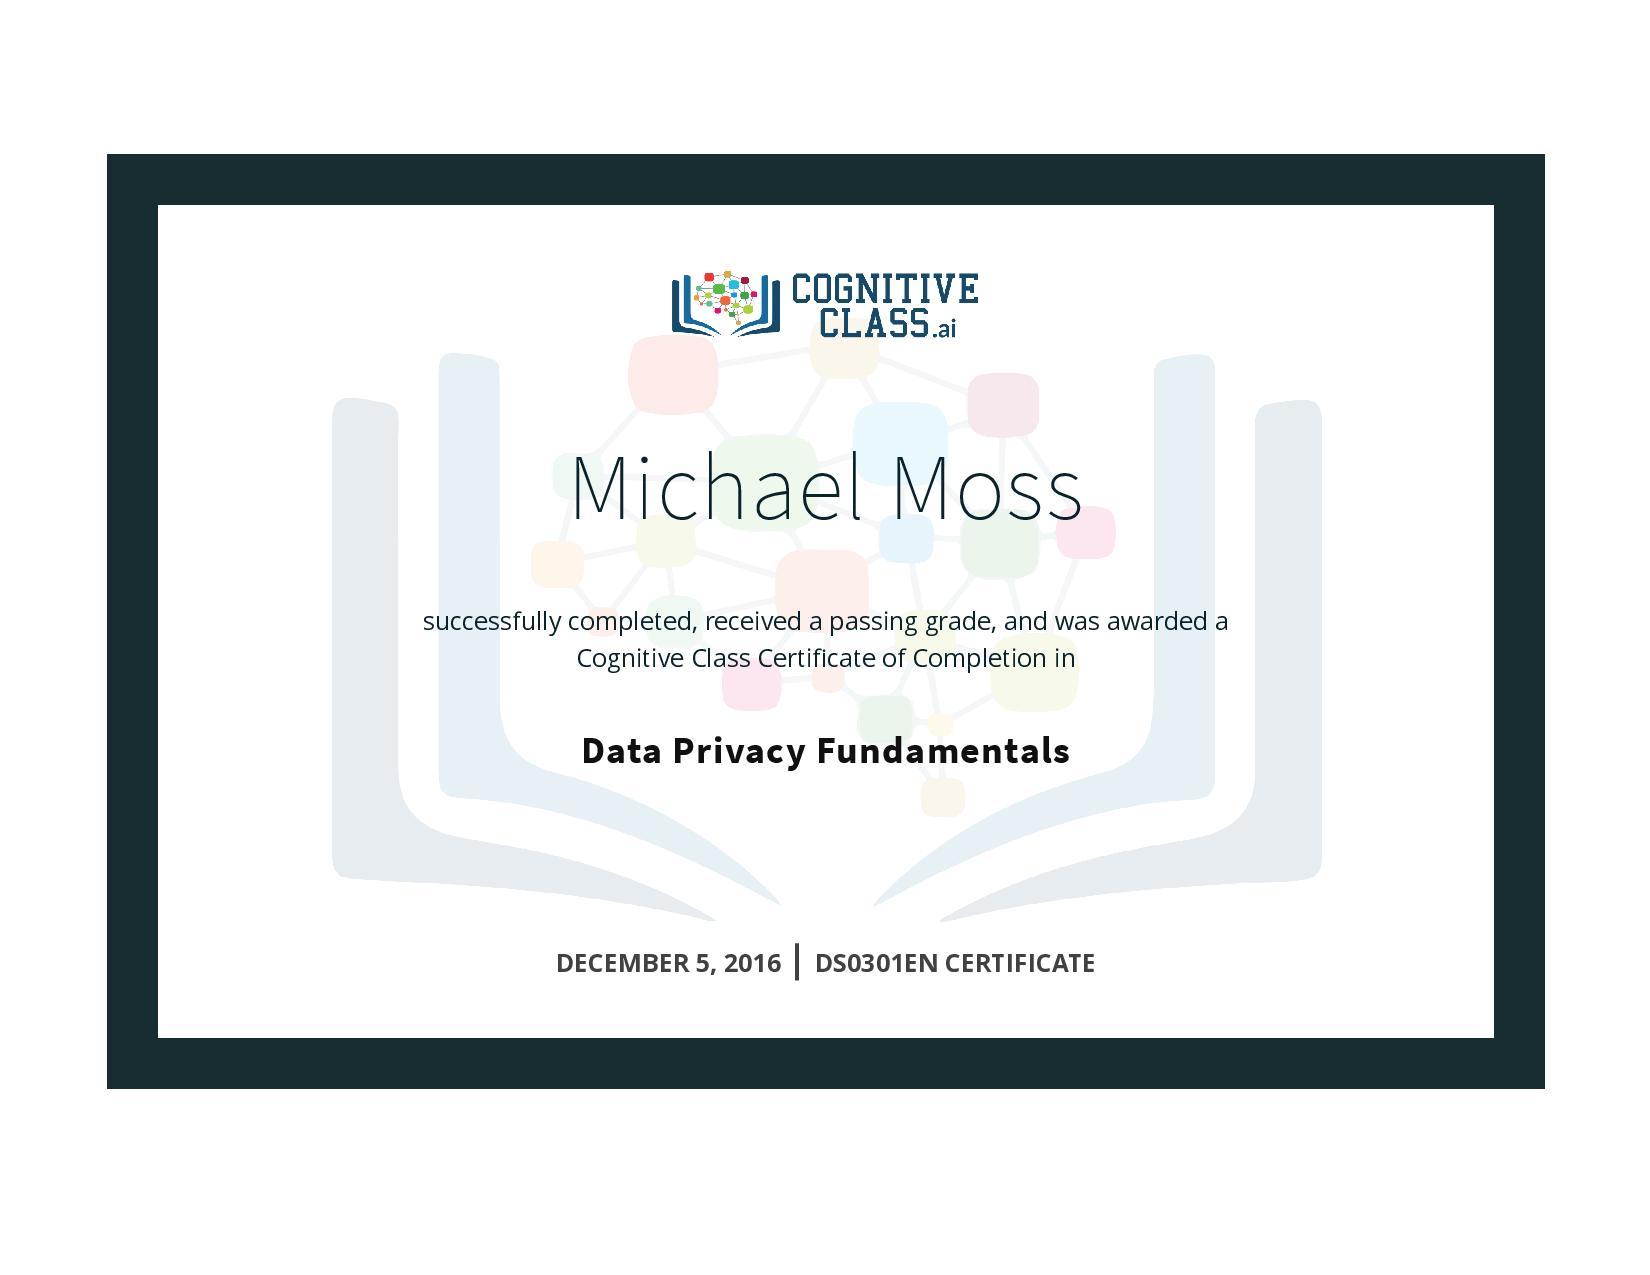 Data Privacy Fundamentals Certificate